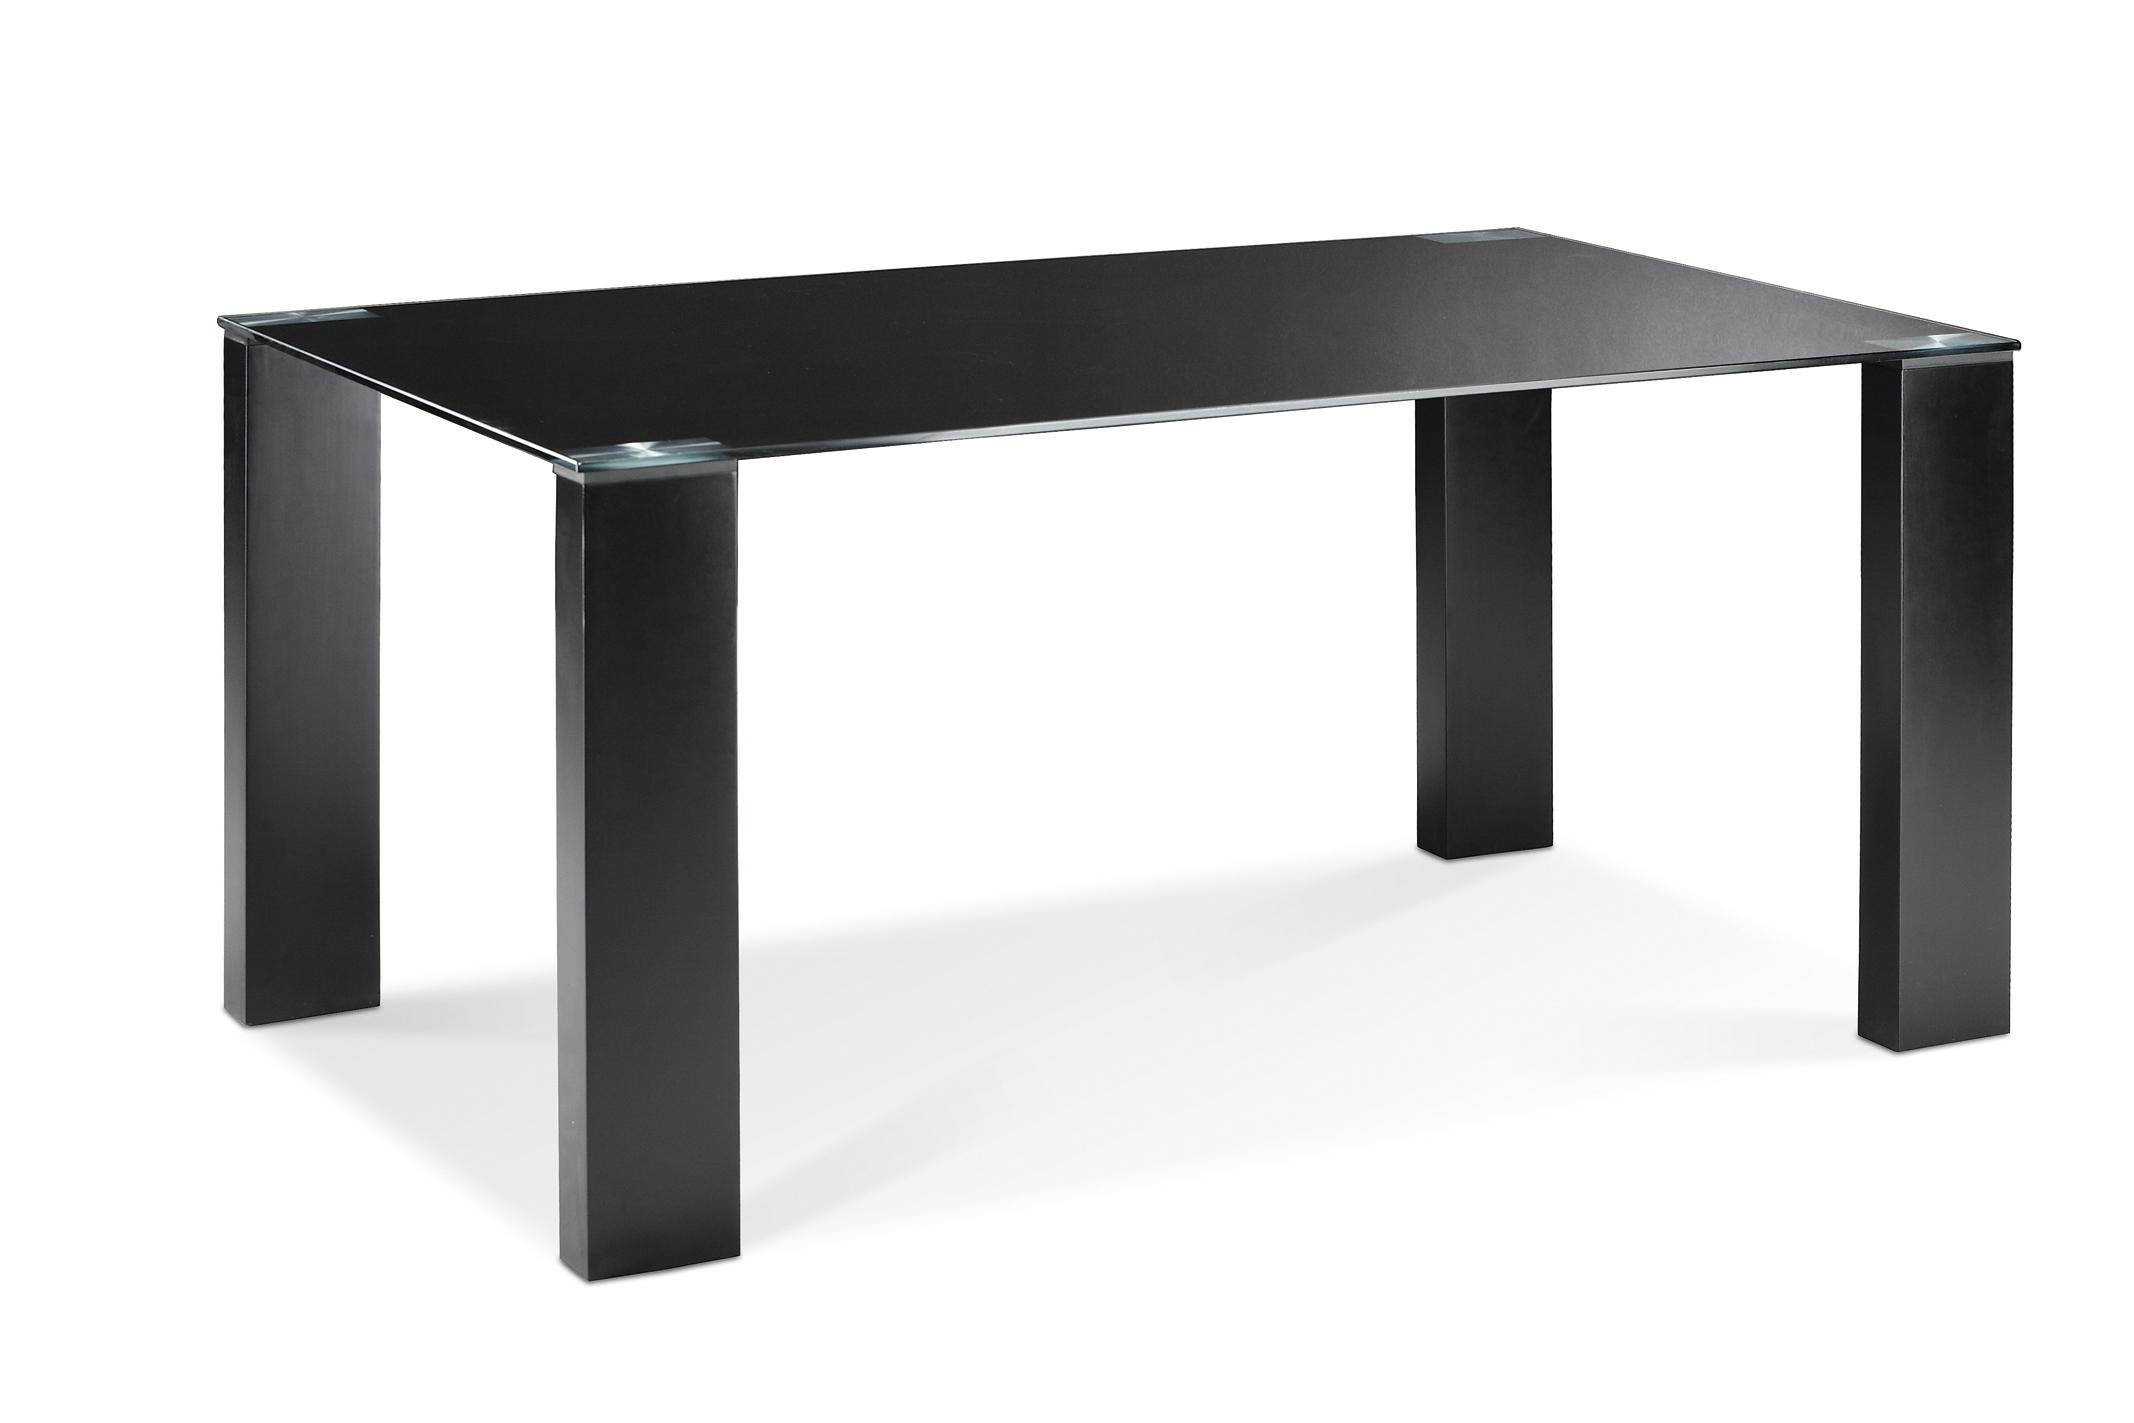 Tavolo da pranzo design legno e vetro temperato nero bonny miliboo - Tavolo vetro temperato opinioni ...